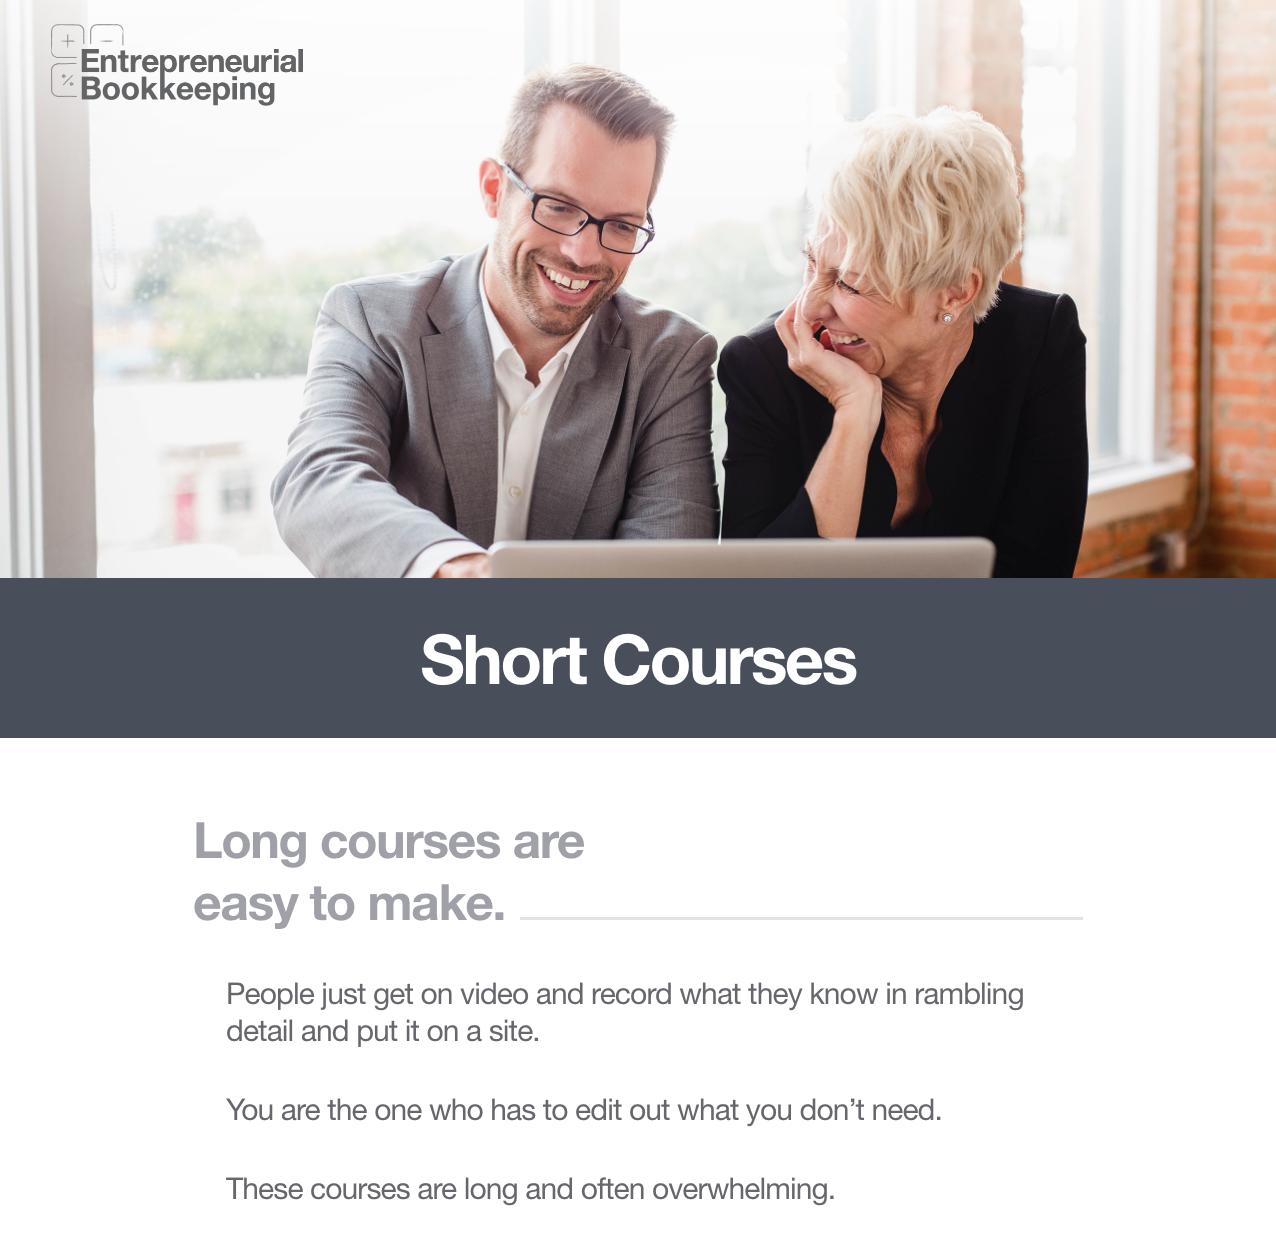 screencapture-entrepreneurialbookkeeping-how-it-works-part-7-2019-07-22-23_54_42 (1).png